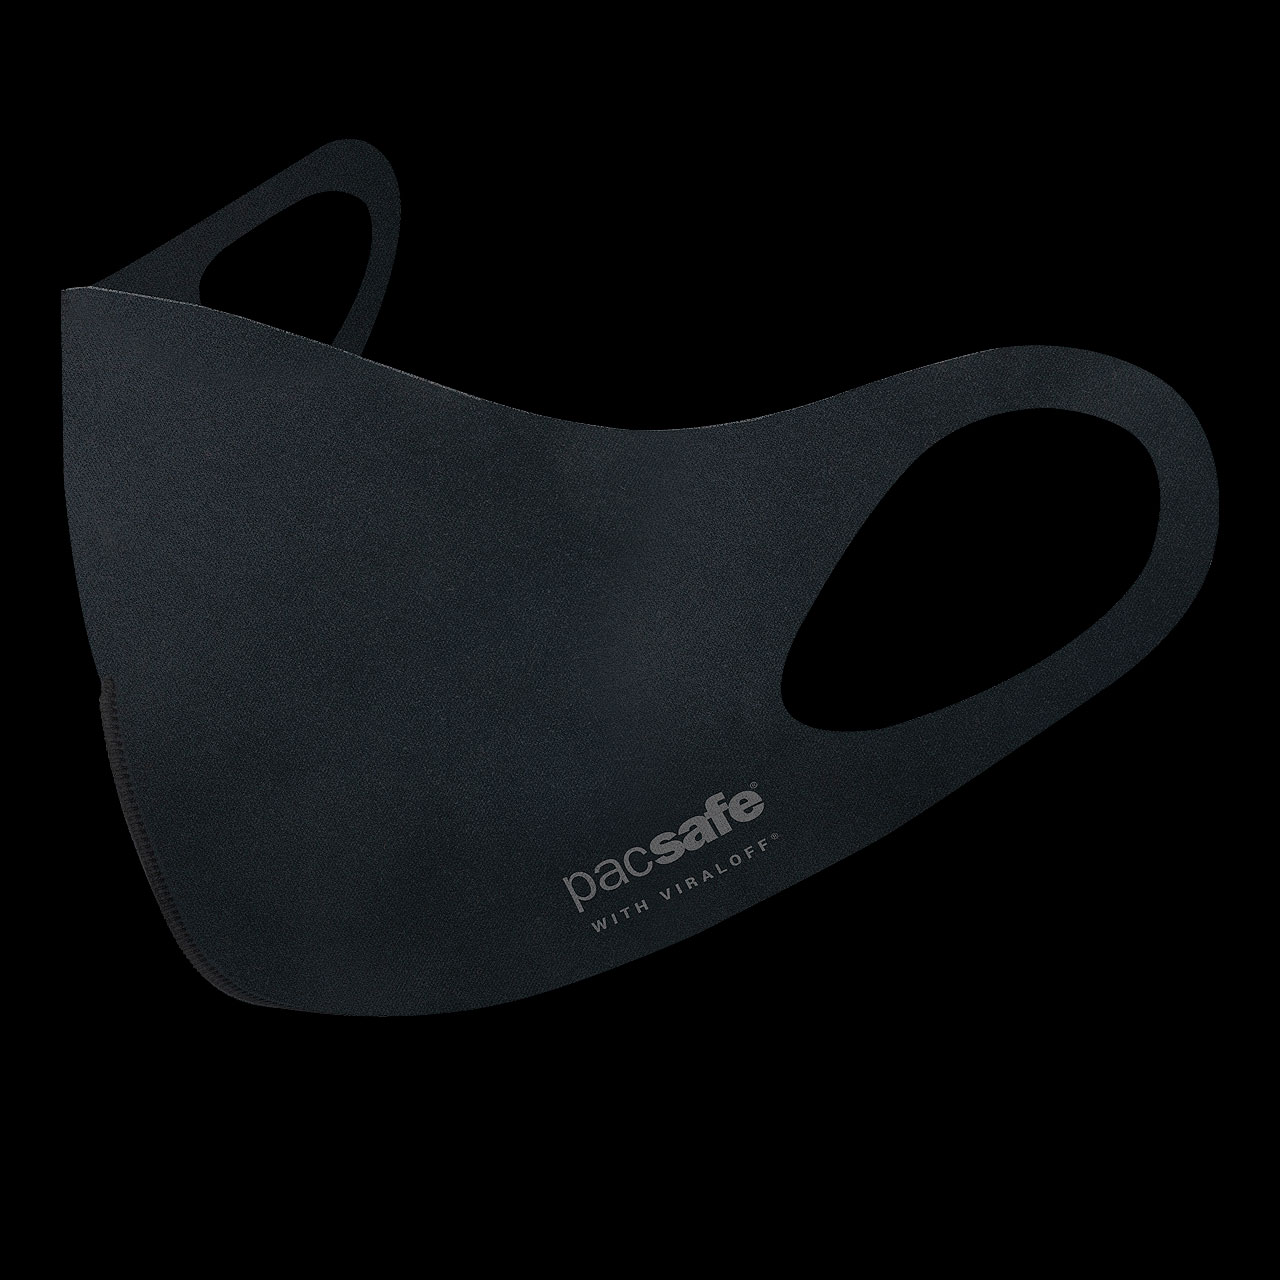 Pacsafe Viraloff Mask